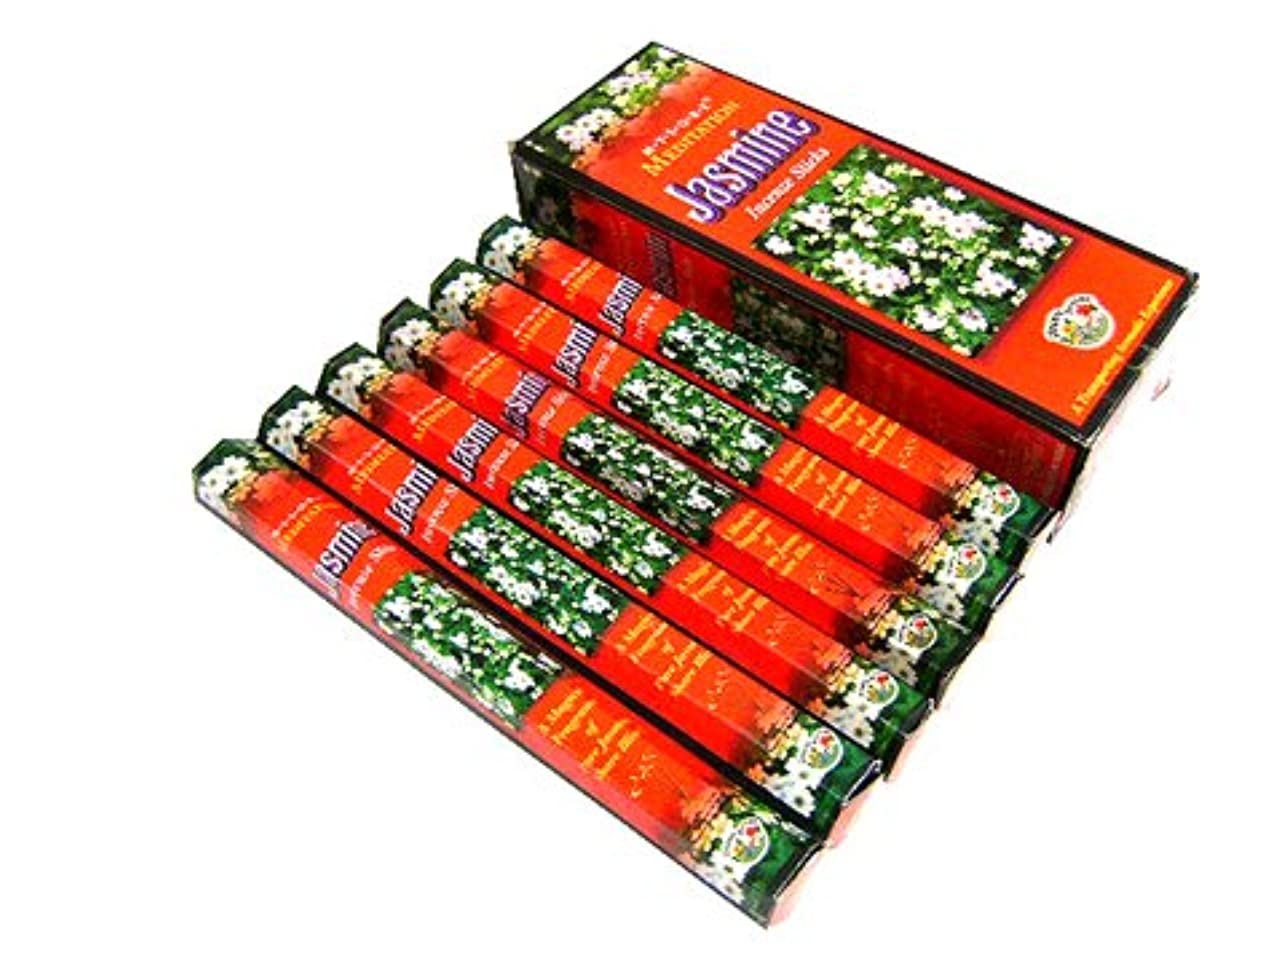 囲まれた保全ミントMYSORE BANDHU PERFUMERY WORKS JASMINE ジャスミン香 スティック 6箱セット